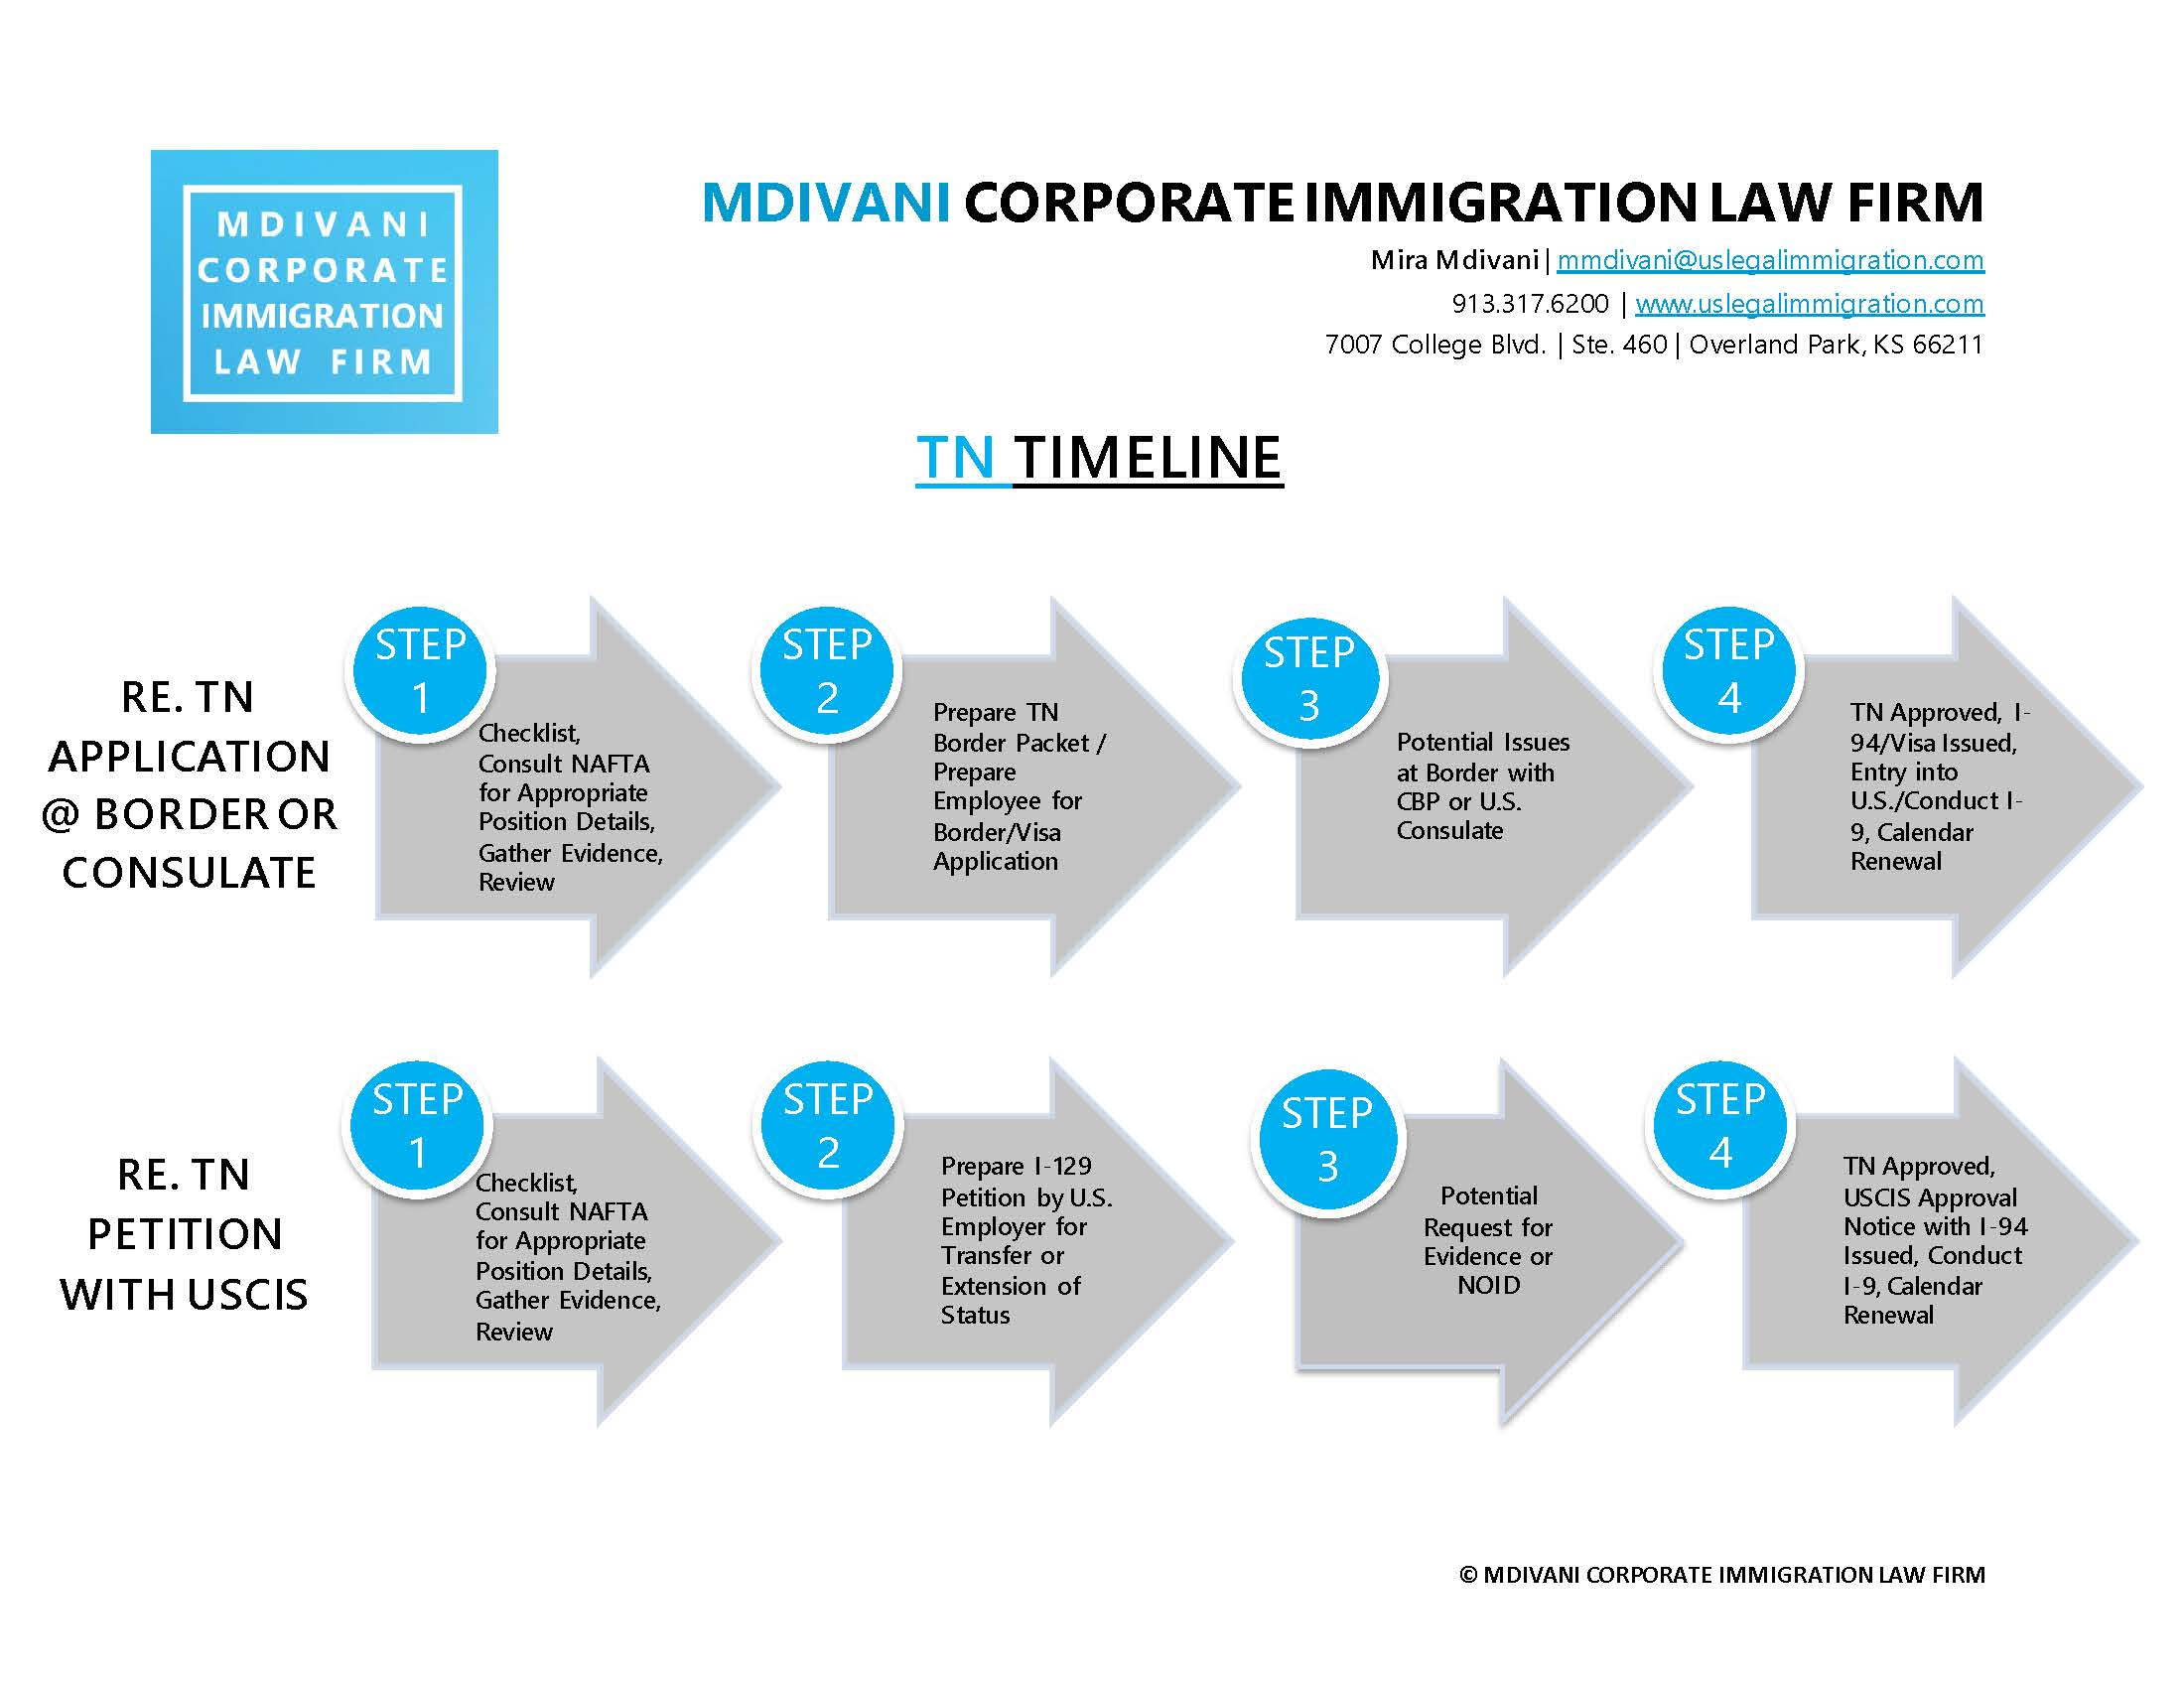 https://uslegalimmigration.com/wp-content/uploads/2020/03/TN-Timeline.jpg